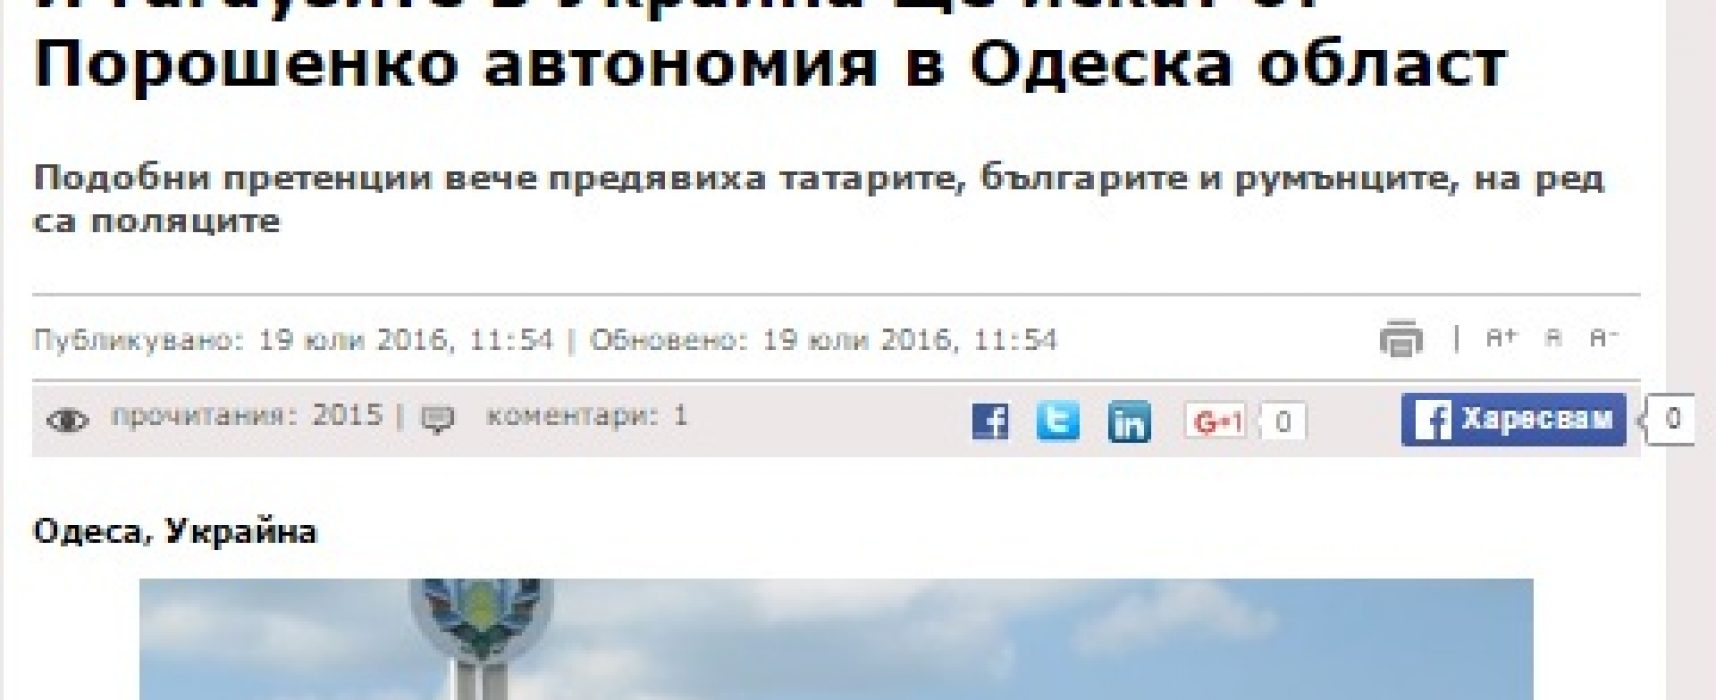 Фейк: Гагаузы Украины требуют автономию